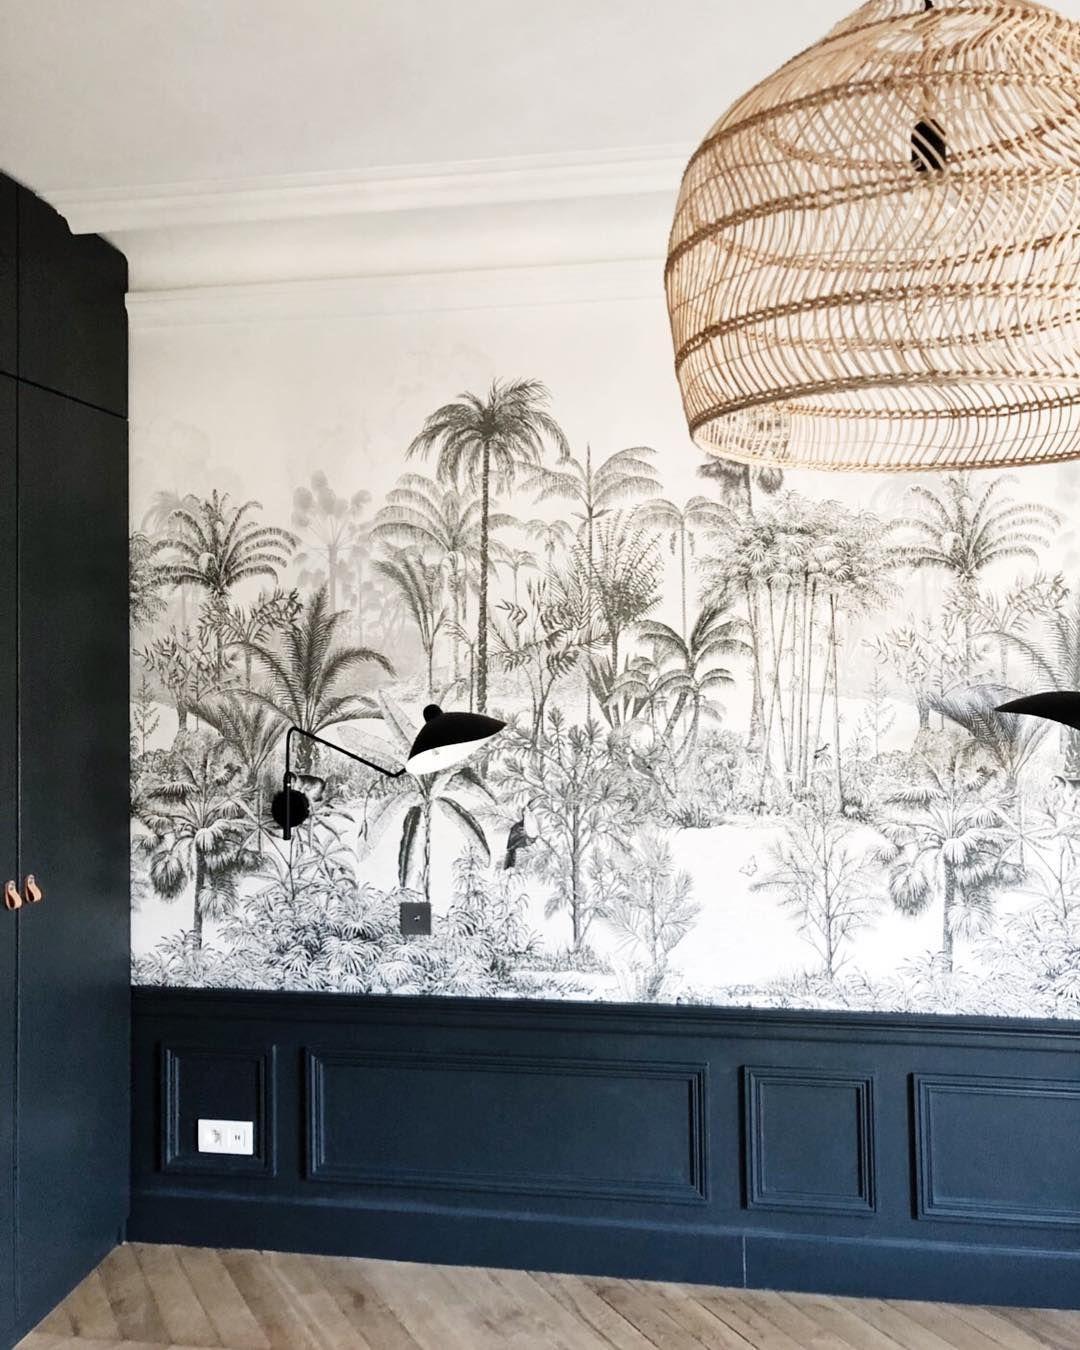 """Caroline Andréoni on Instagram: """"Projet - Wagram -  La chambre parentale terminée avant l'installation du mobilier. On adore ce magnifique papier peint de chez…"""" #chambreparentale"""